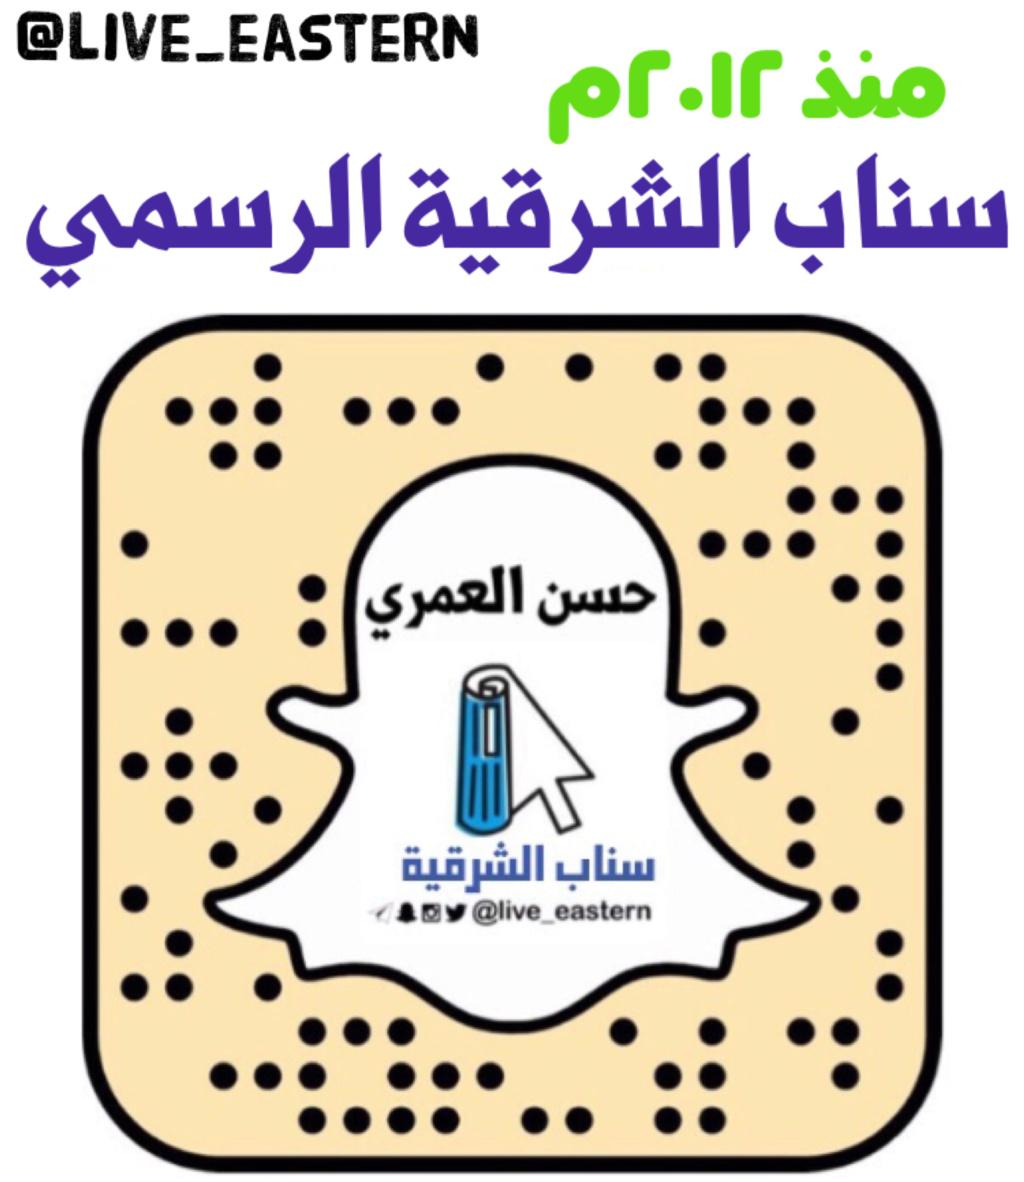 سناب الشرقية الرسمي – حسن العمري 9d34a110